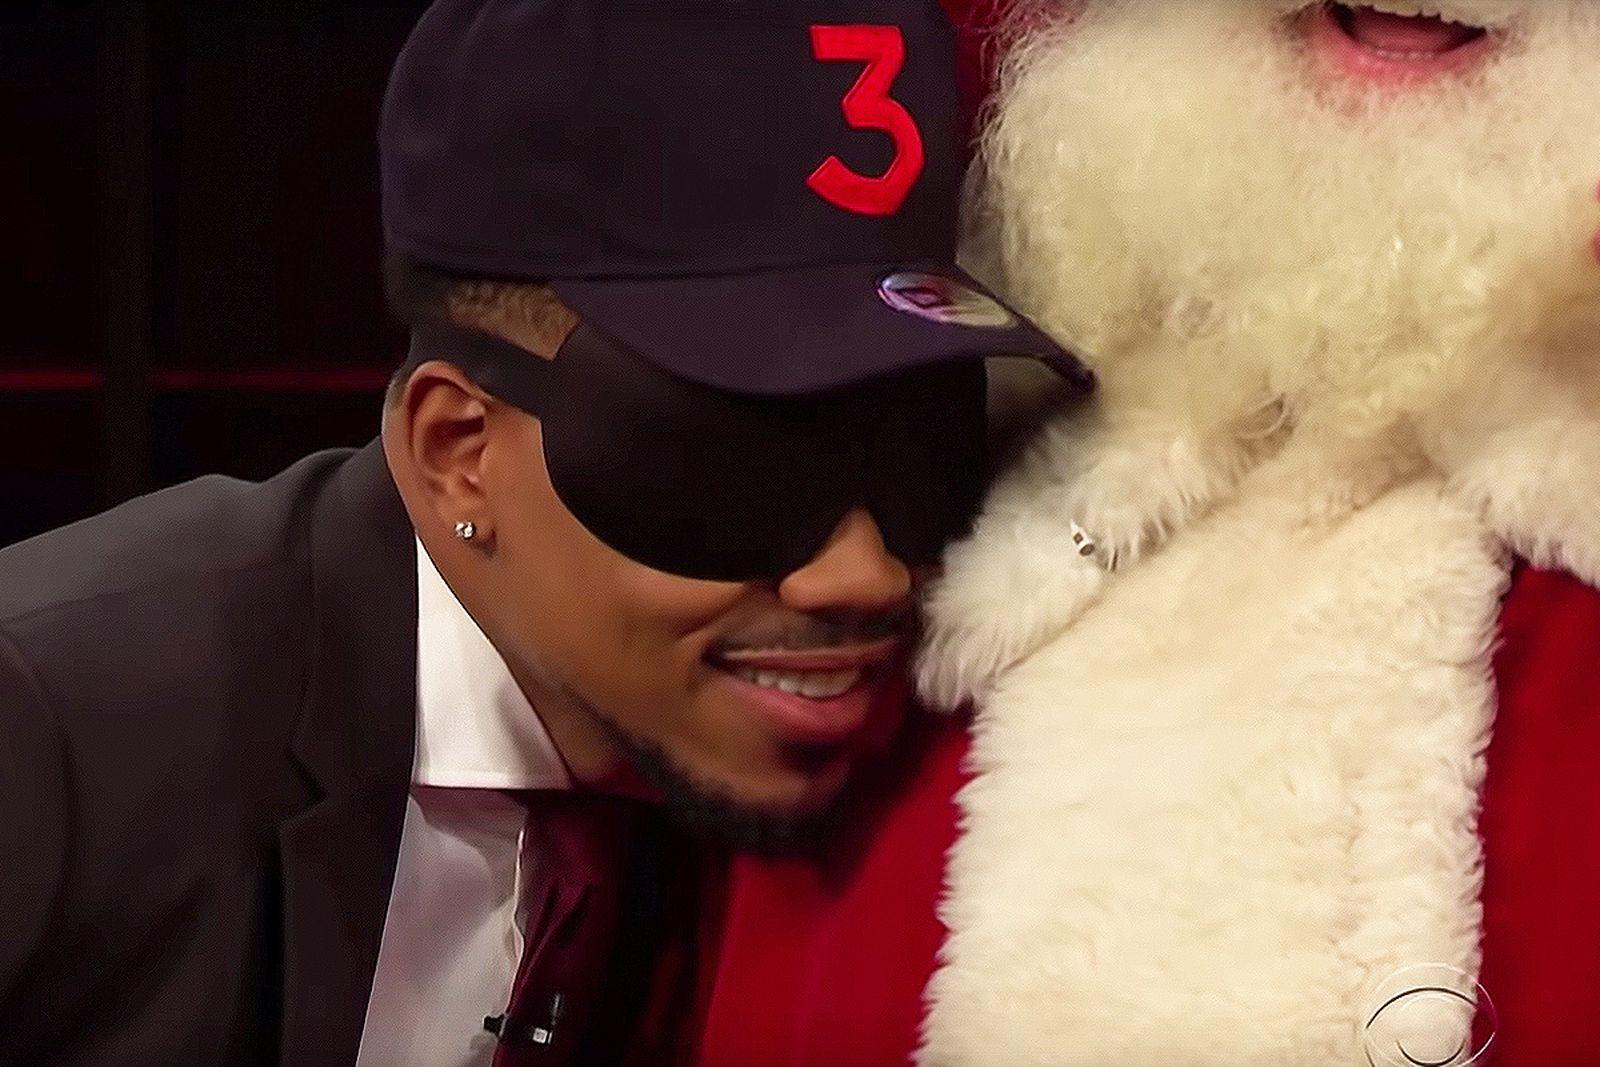 Chance the Rapper nuzzles Santa